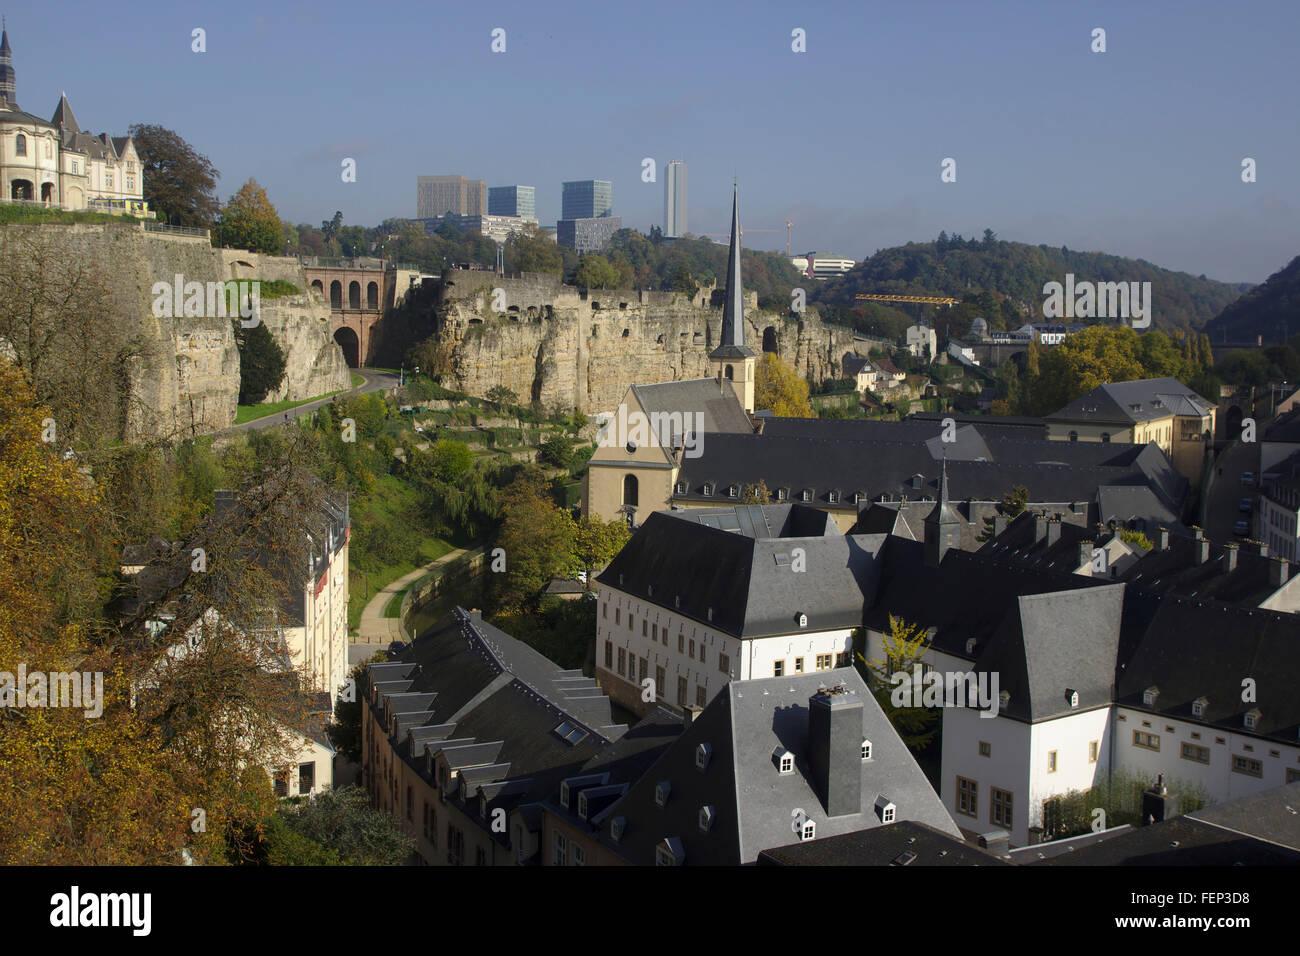 Luxemburg, Ansicht von der Corniche der Oberstadt mit dem Quartal Grund, Herbst Stockbild